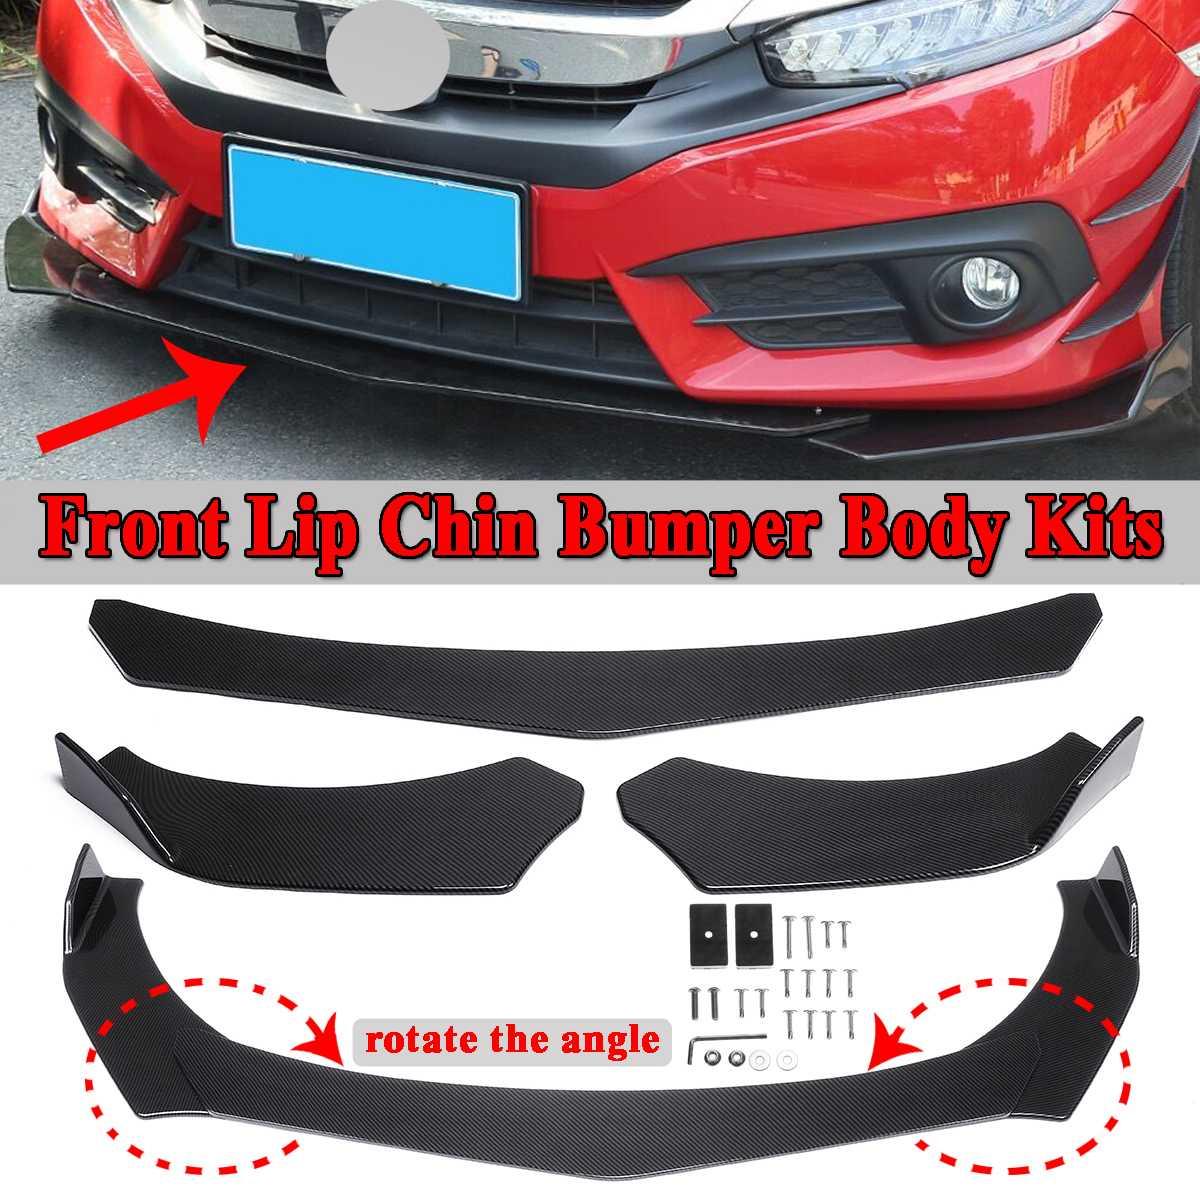 Nouvelle Fiber De Carbone Look De Voiture Avant Inférieur Lip Chin Spoiler Lèvre Corps Kits Pour BMW E36 E46 E60 E63 e64 E90 E91 E92 E93